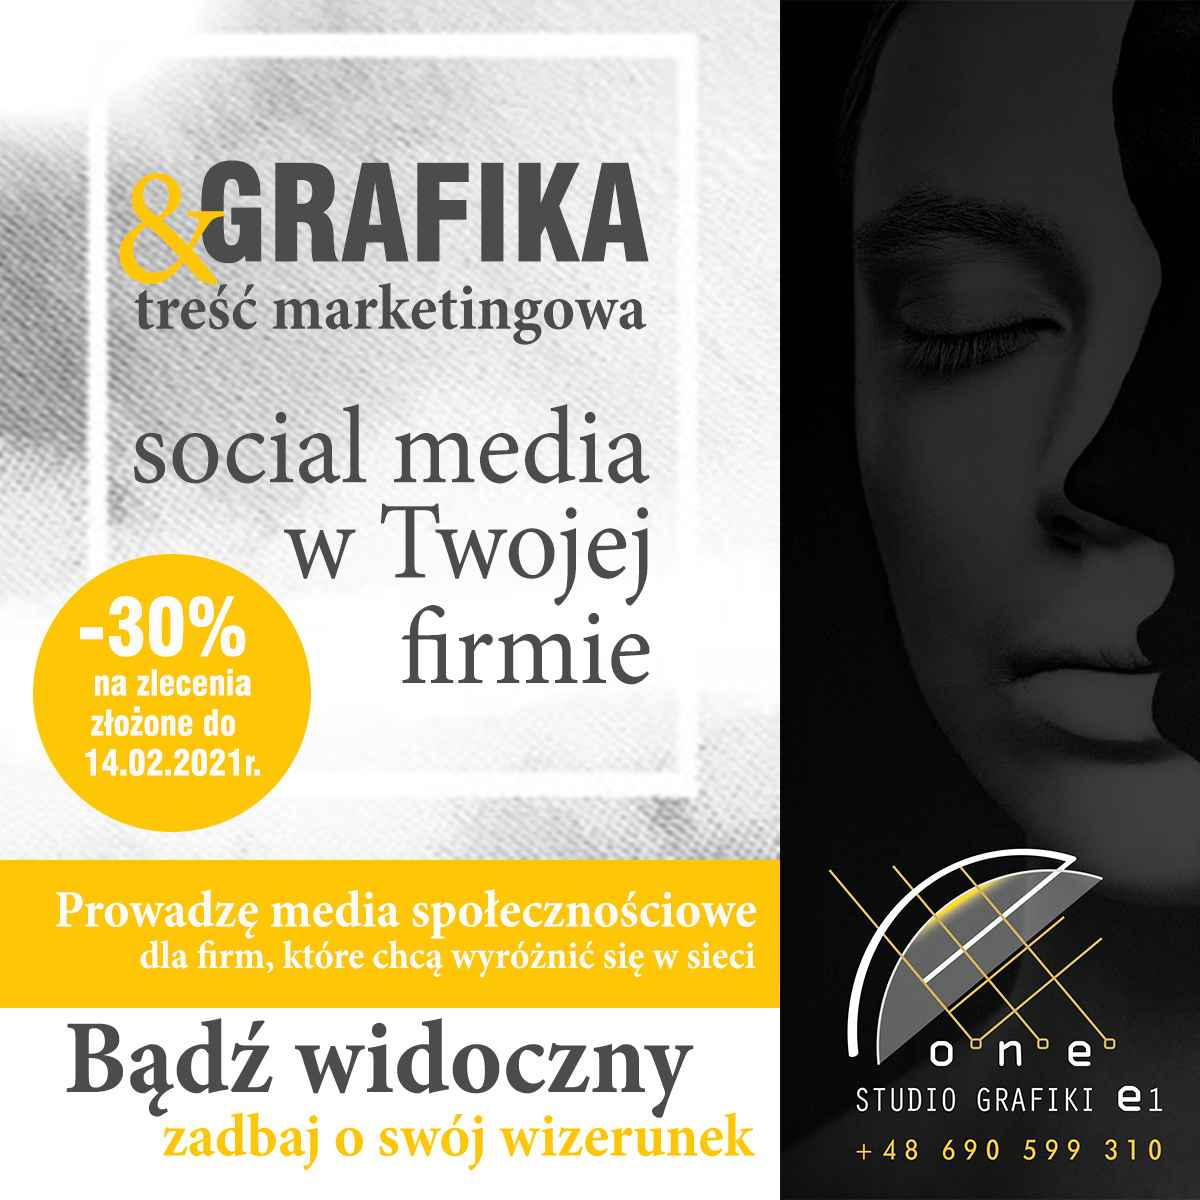 Prowadzenie social media - obsługa graficzna firm Grodzisk Mazowiecki - zdjęcie 1